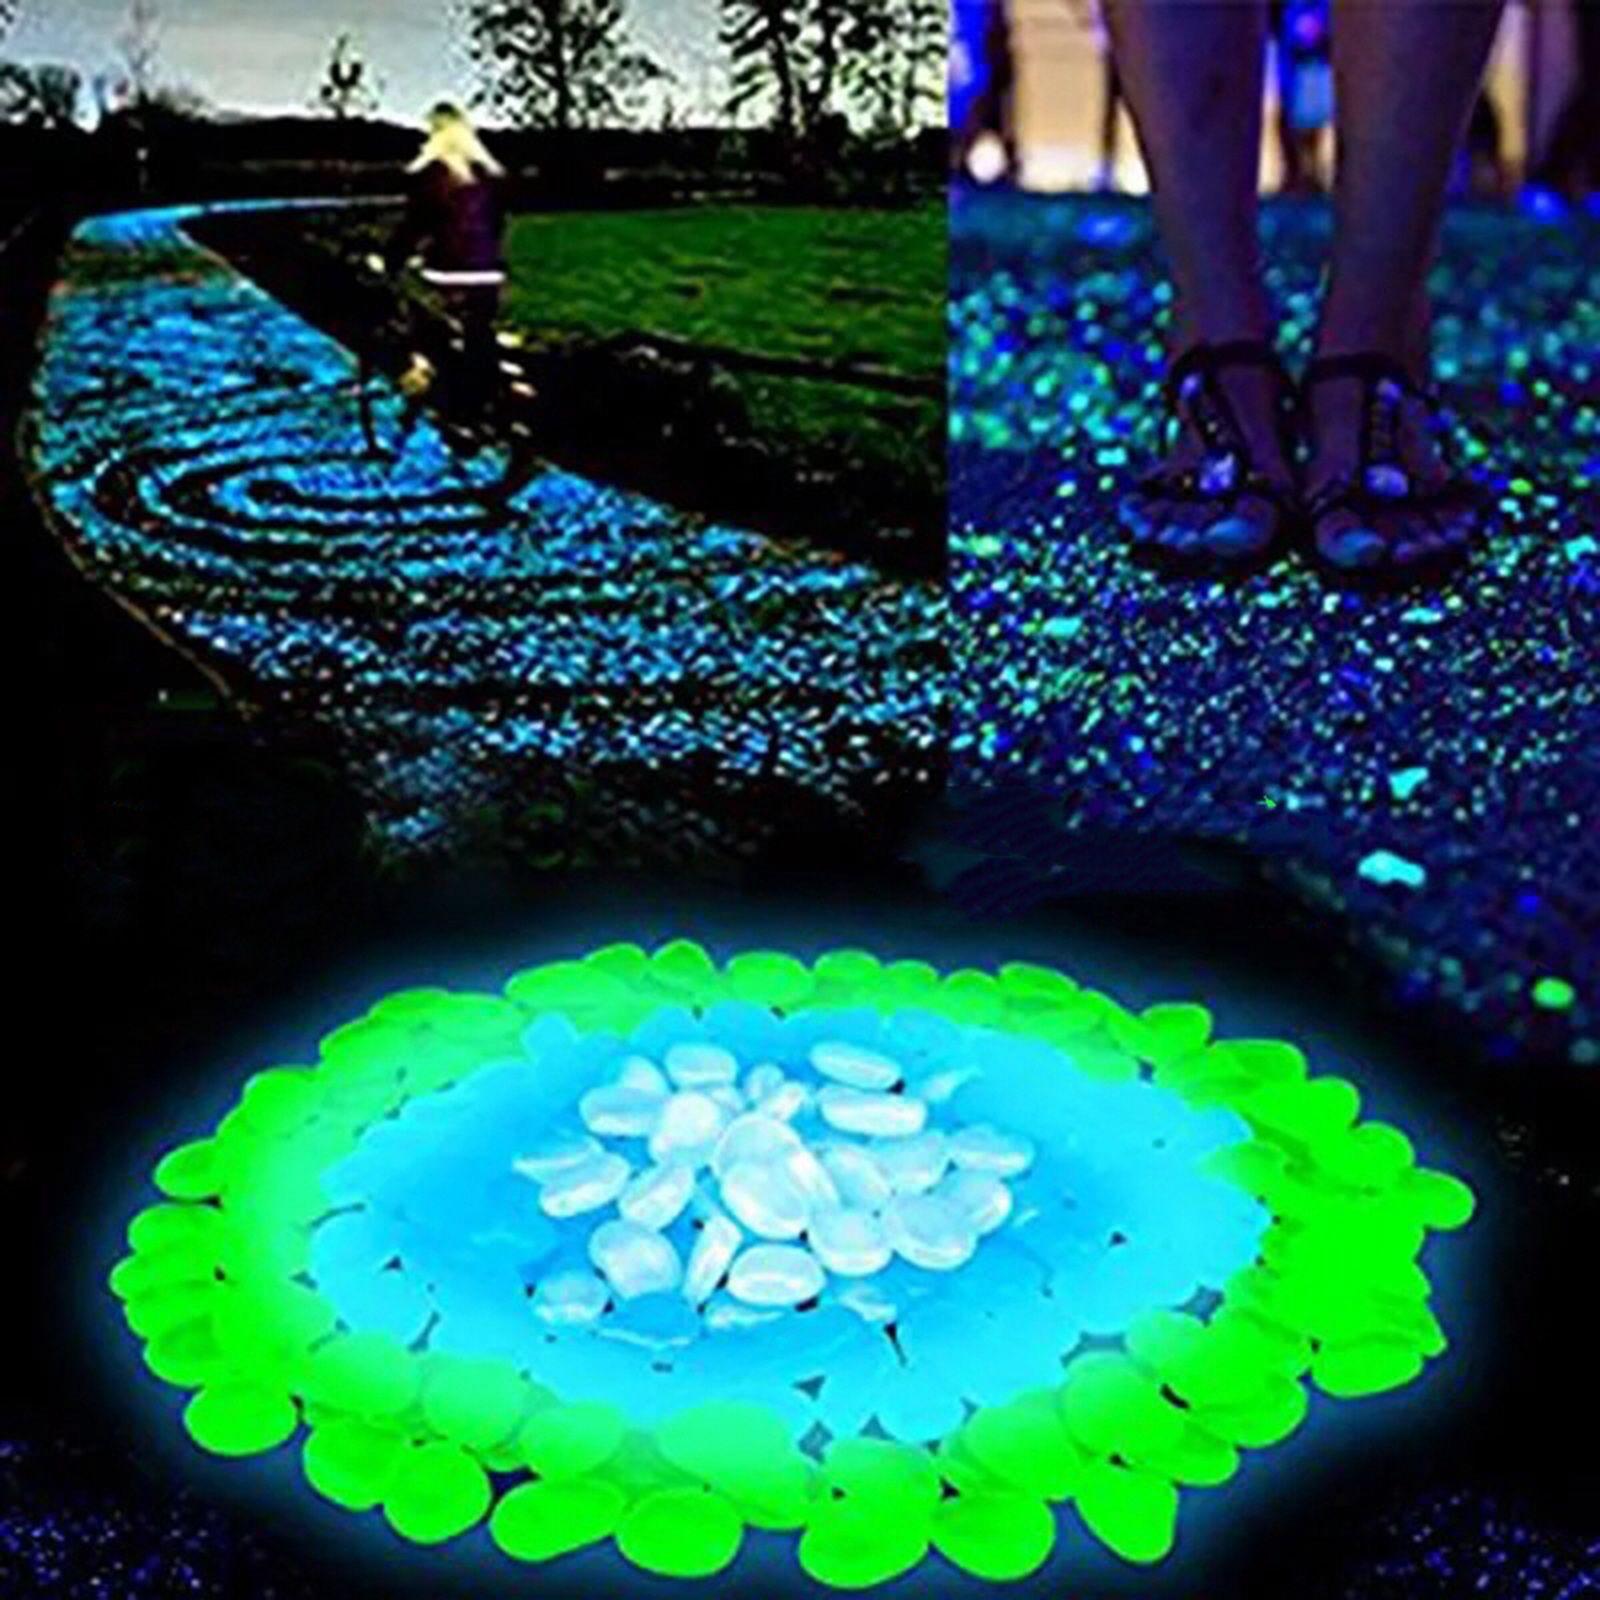 100 adet / torba Bahçe Süslemeleri Koyu Aydınlık Çakıl Taşları Glow Taşlar Akvaryum Düğün Için Taşlar Romantik Akşam Festival Etkinlikler El Sanatları